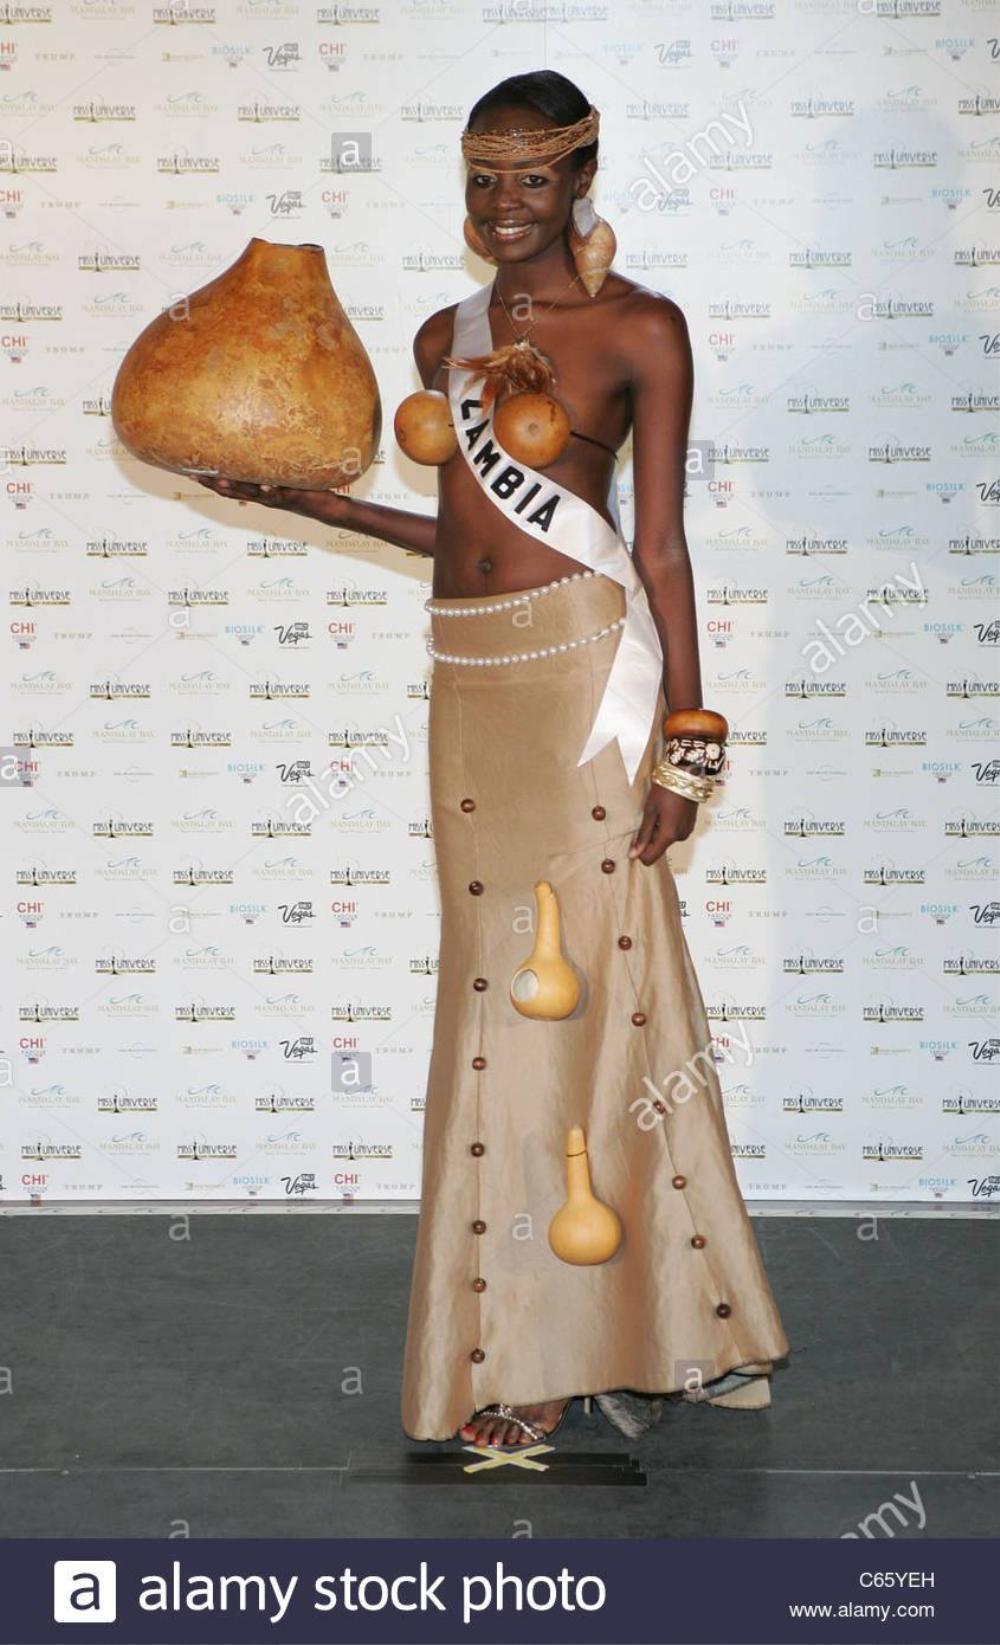 Trang phục dân tộc bị tẩy chay ở Miss Universe: Bộ như phim 18+, bộ vi phạm luật pháp Ảnh 12